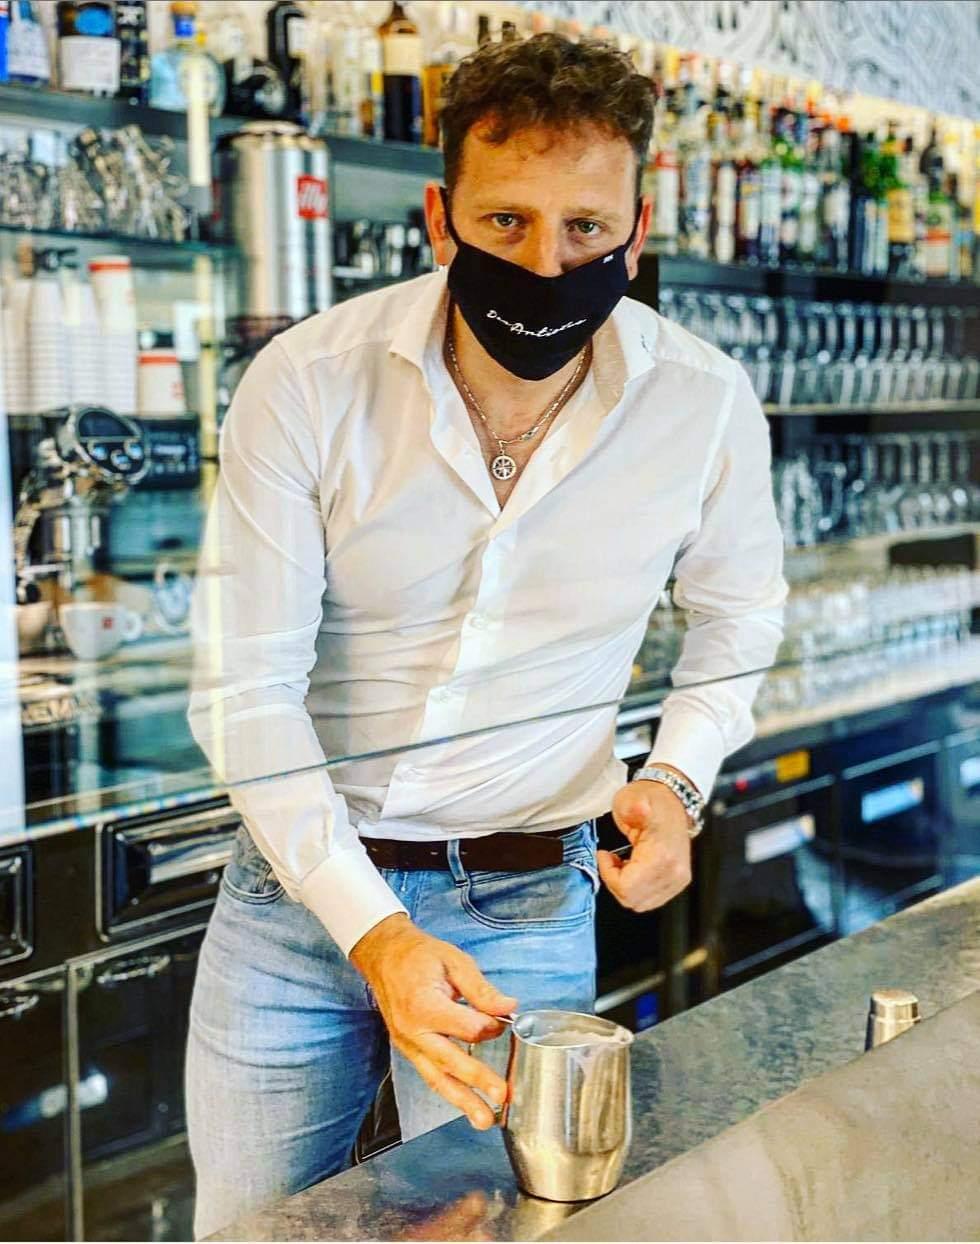 giulio bancone bar